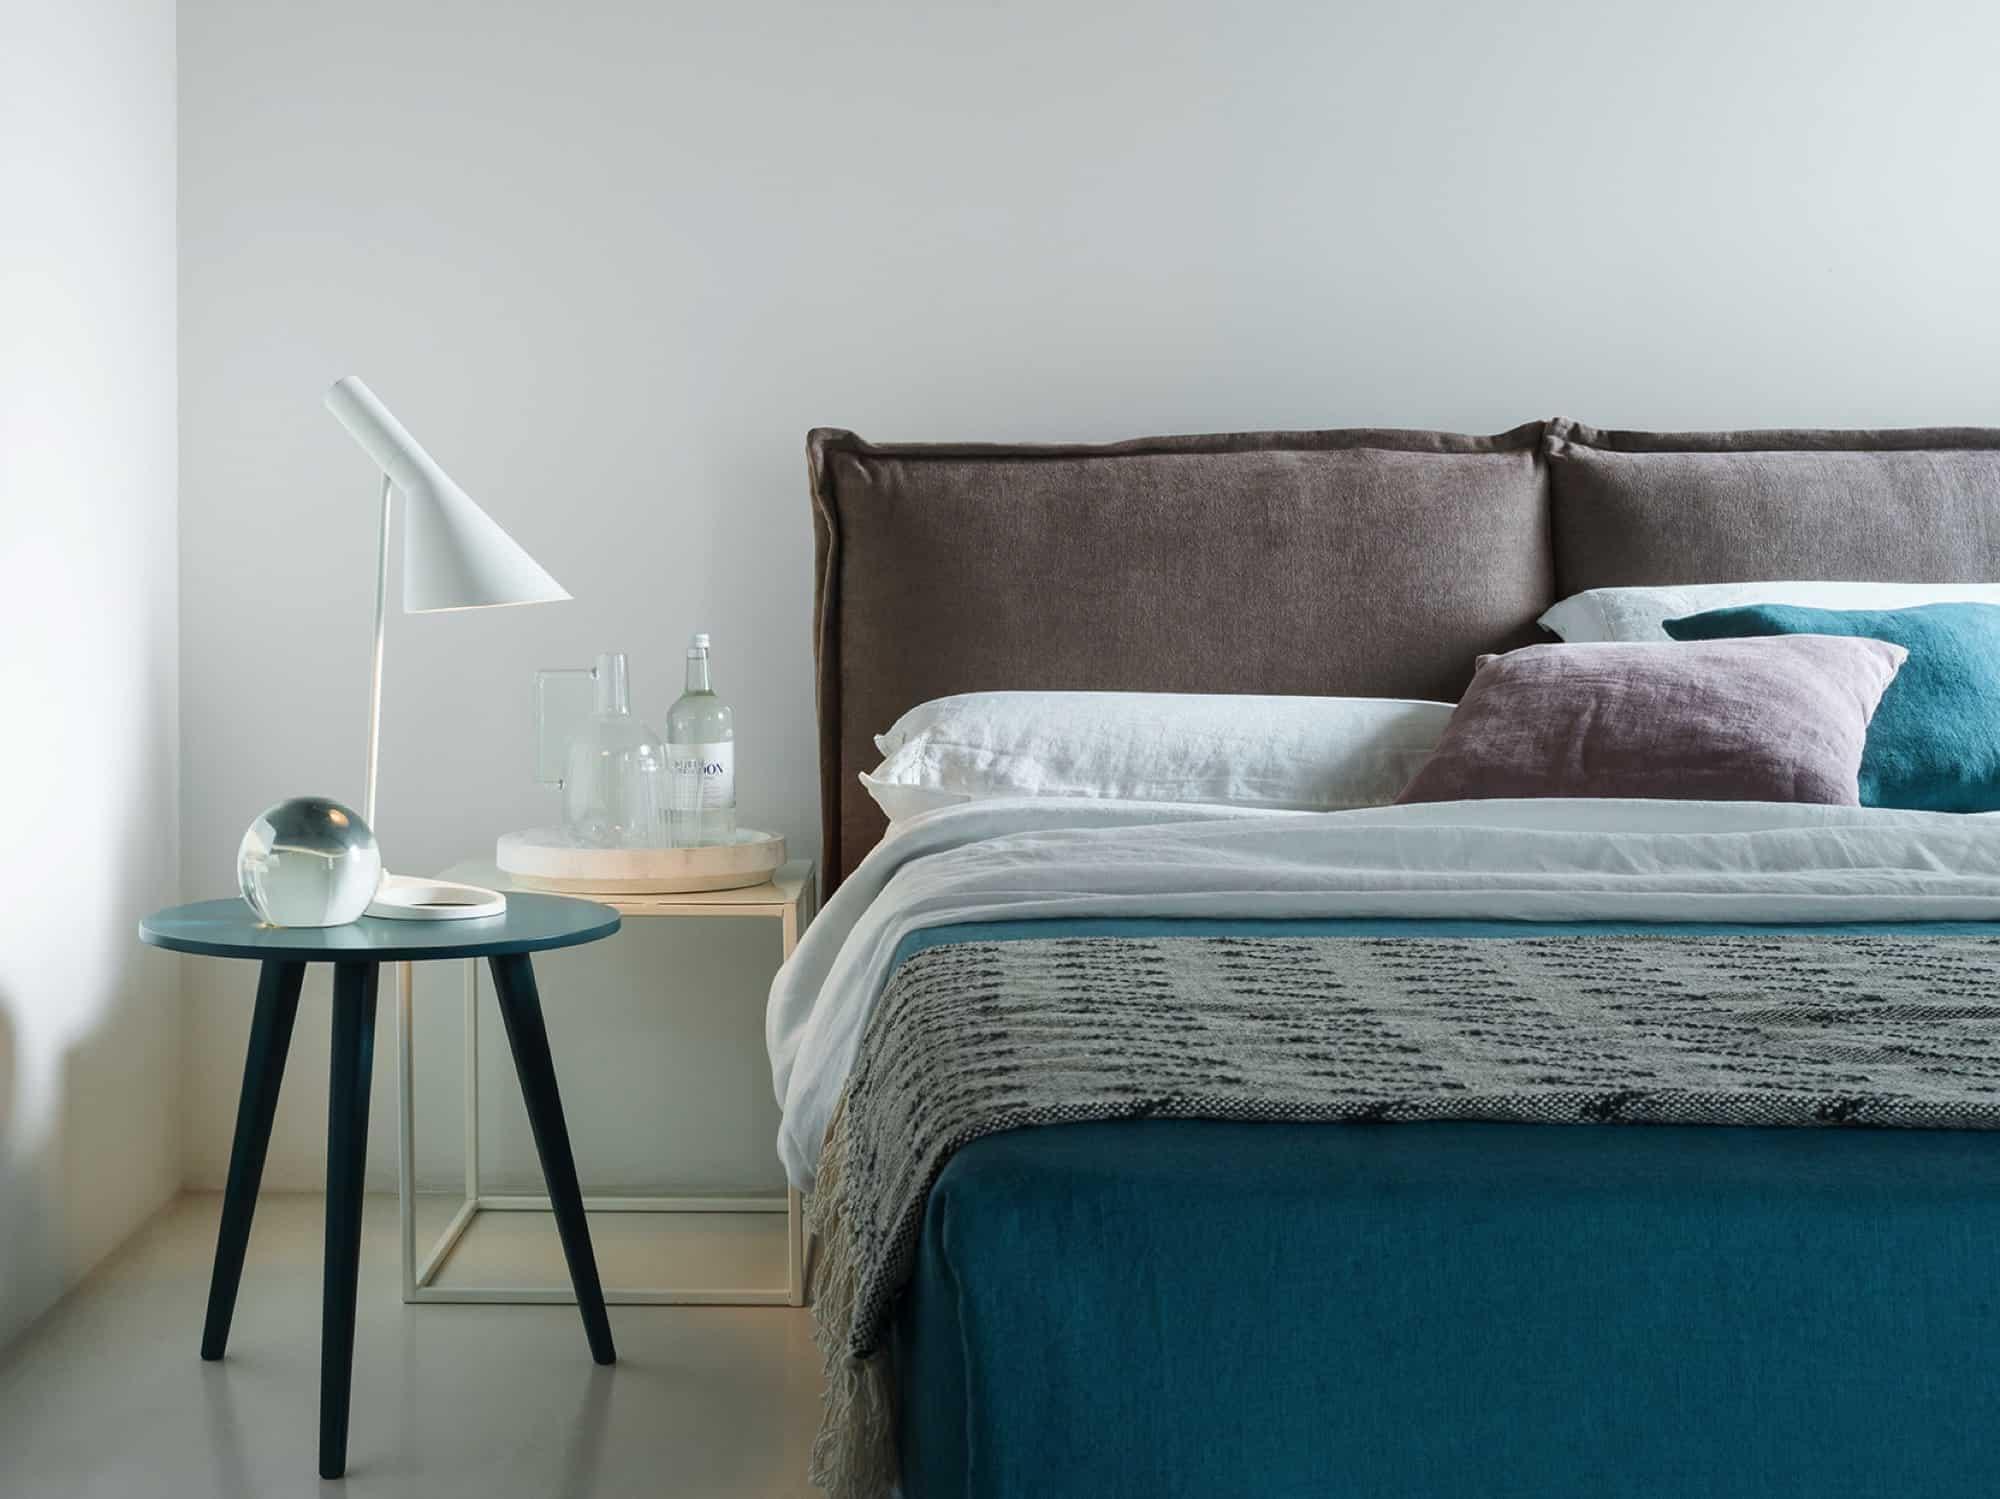 Levanto – Letto 2 piazze per materasso da 160×200 – Tessuto Idillio Visone e Corda